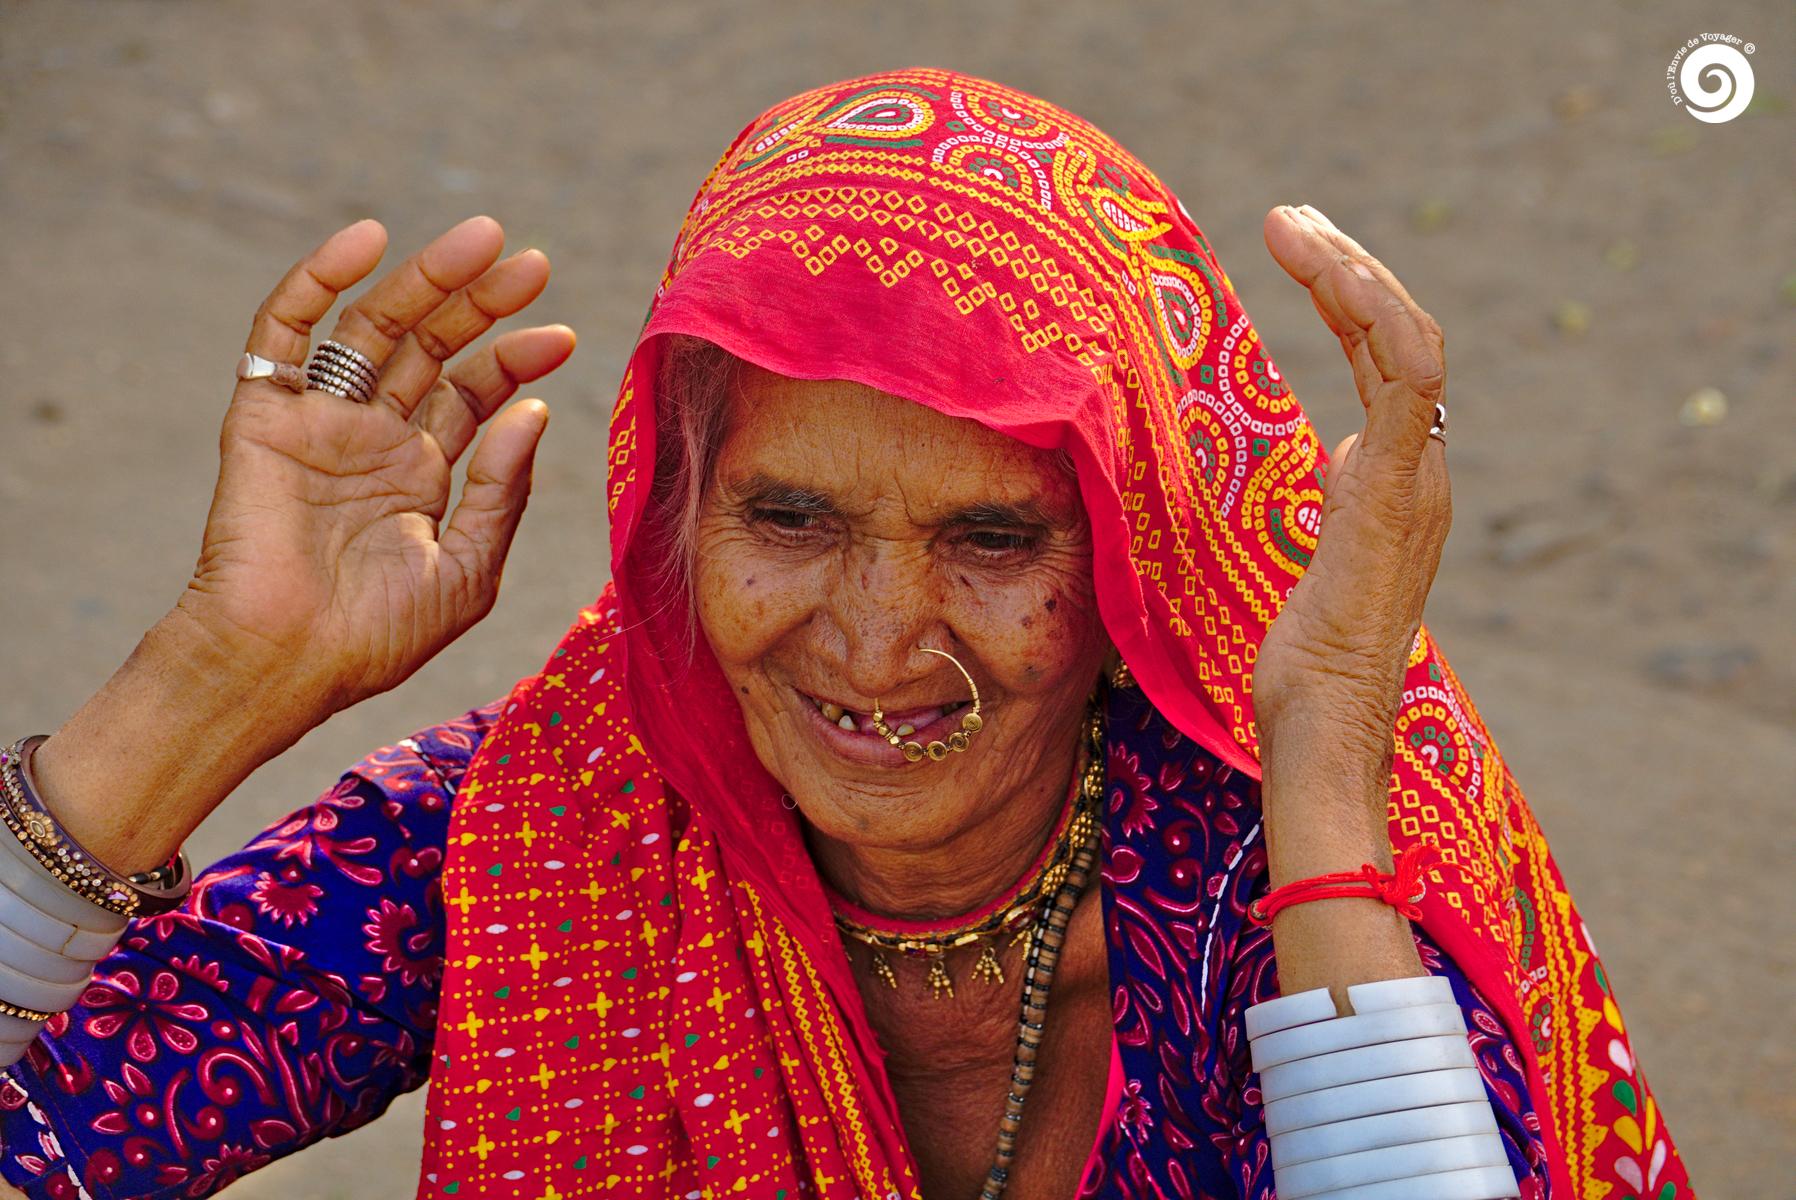 D'où l'Envie de Voyager - Inde - Portrait